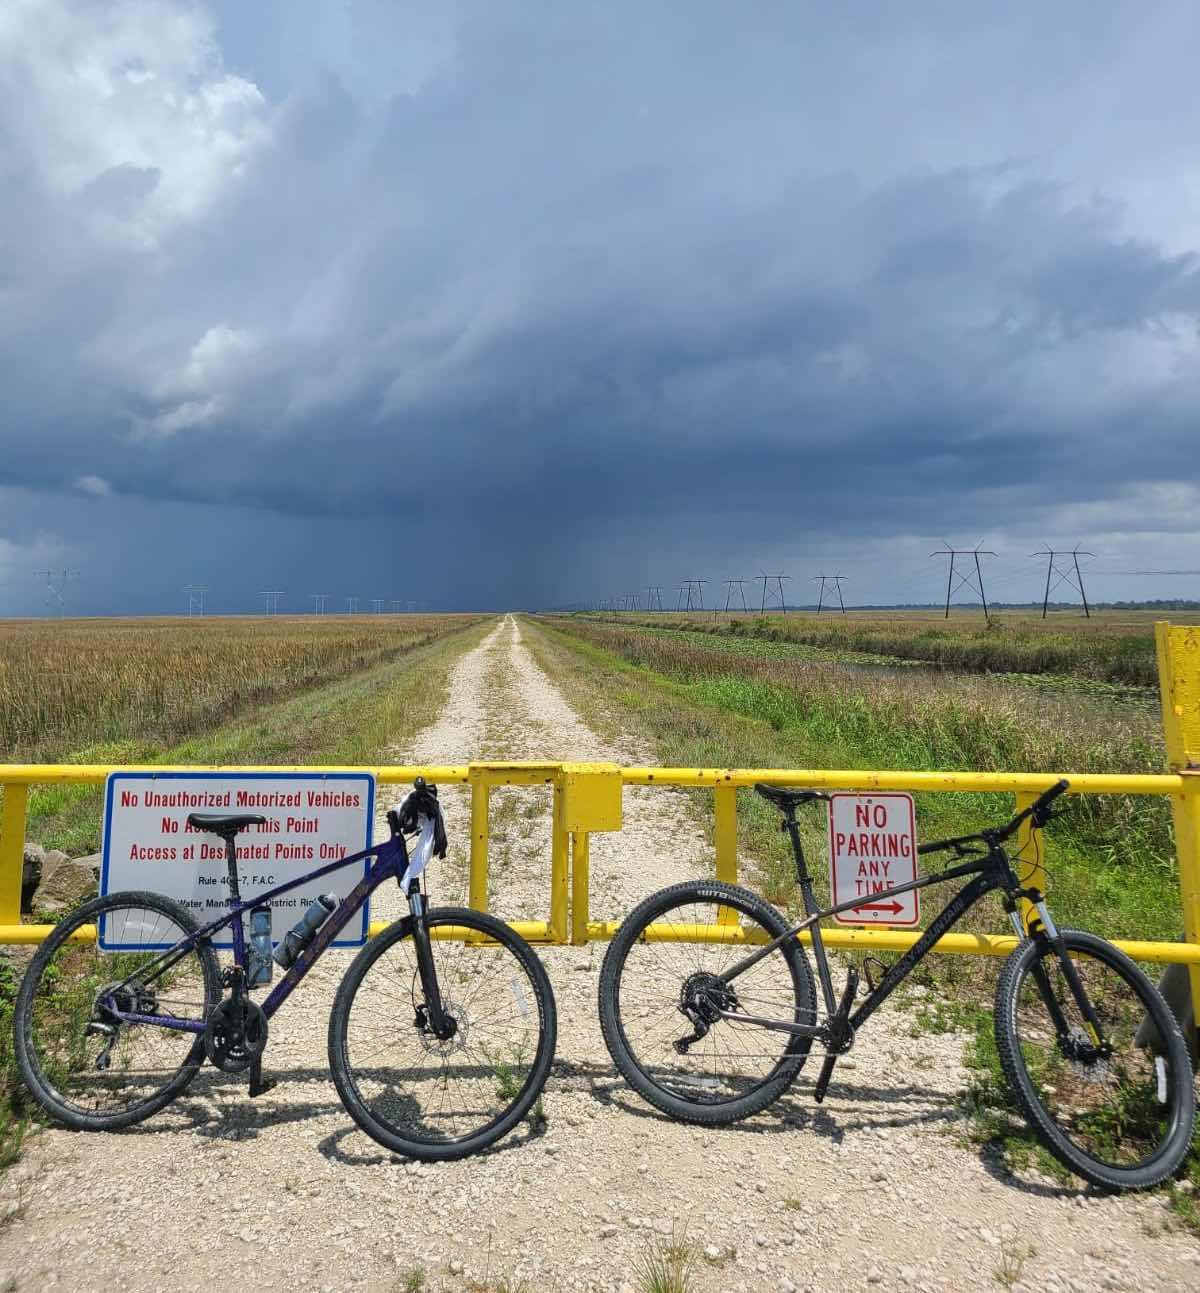 Bikerumor Pic Of The Day: Florida Everglades - Bikerumor